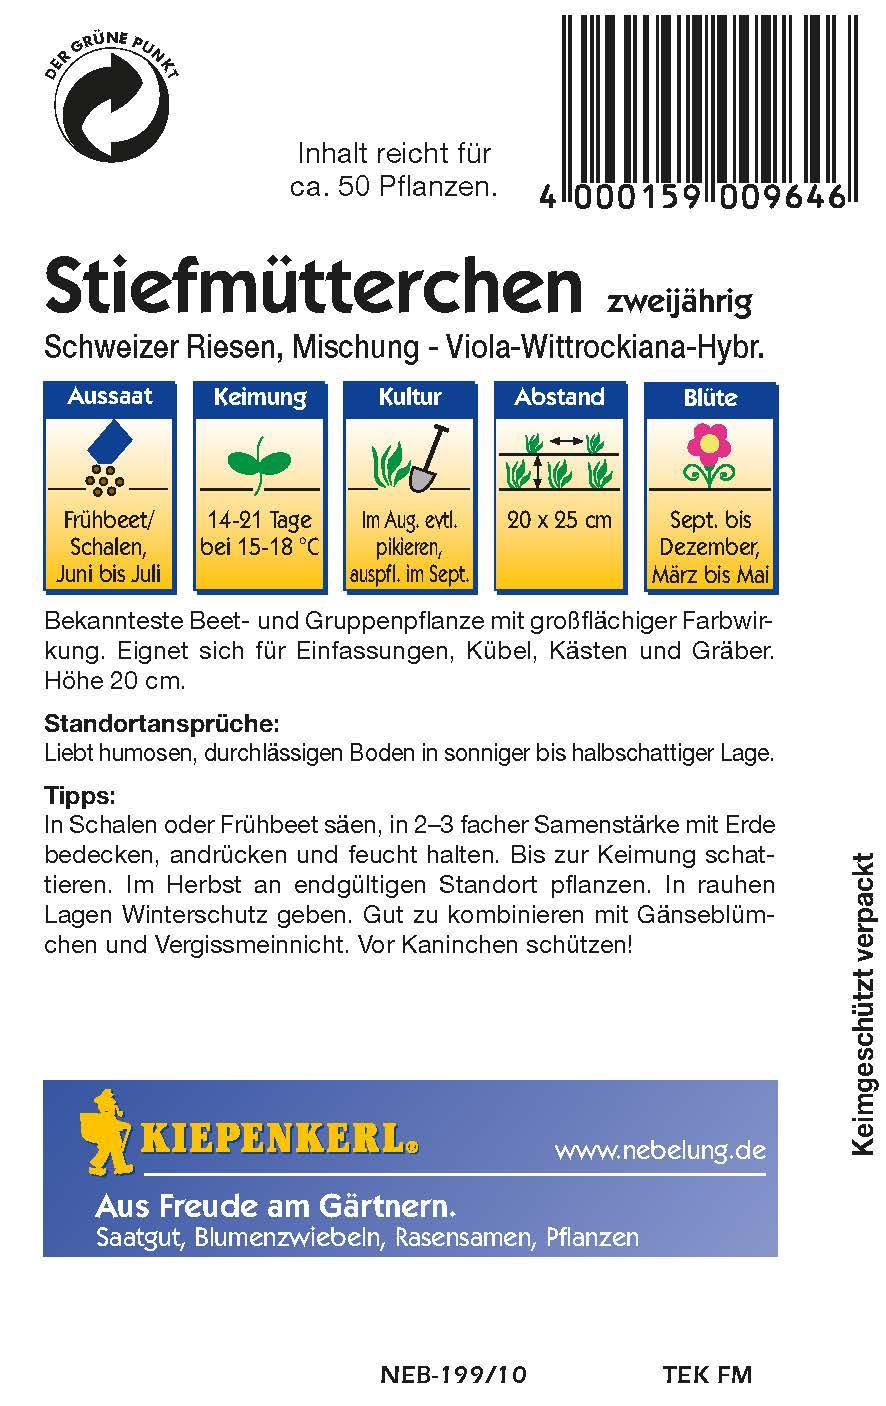 Saatgut Stiefmütterchen Schweizer Riesen Bild 2